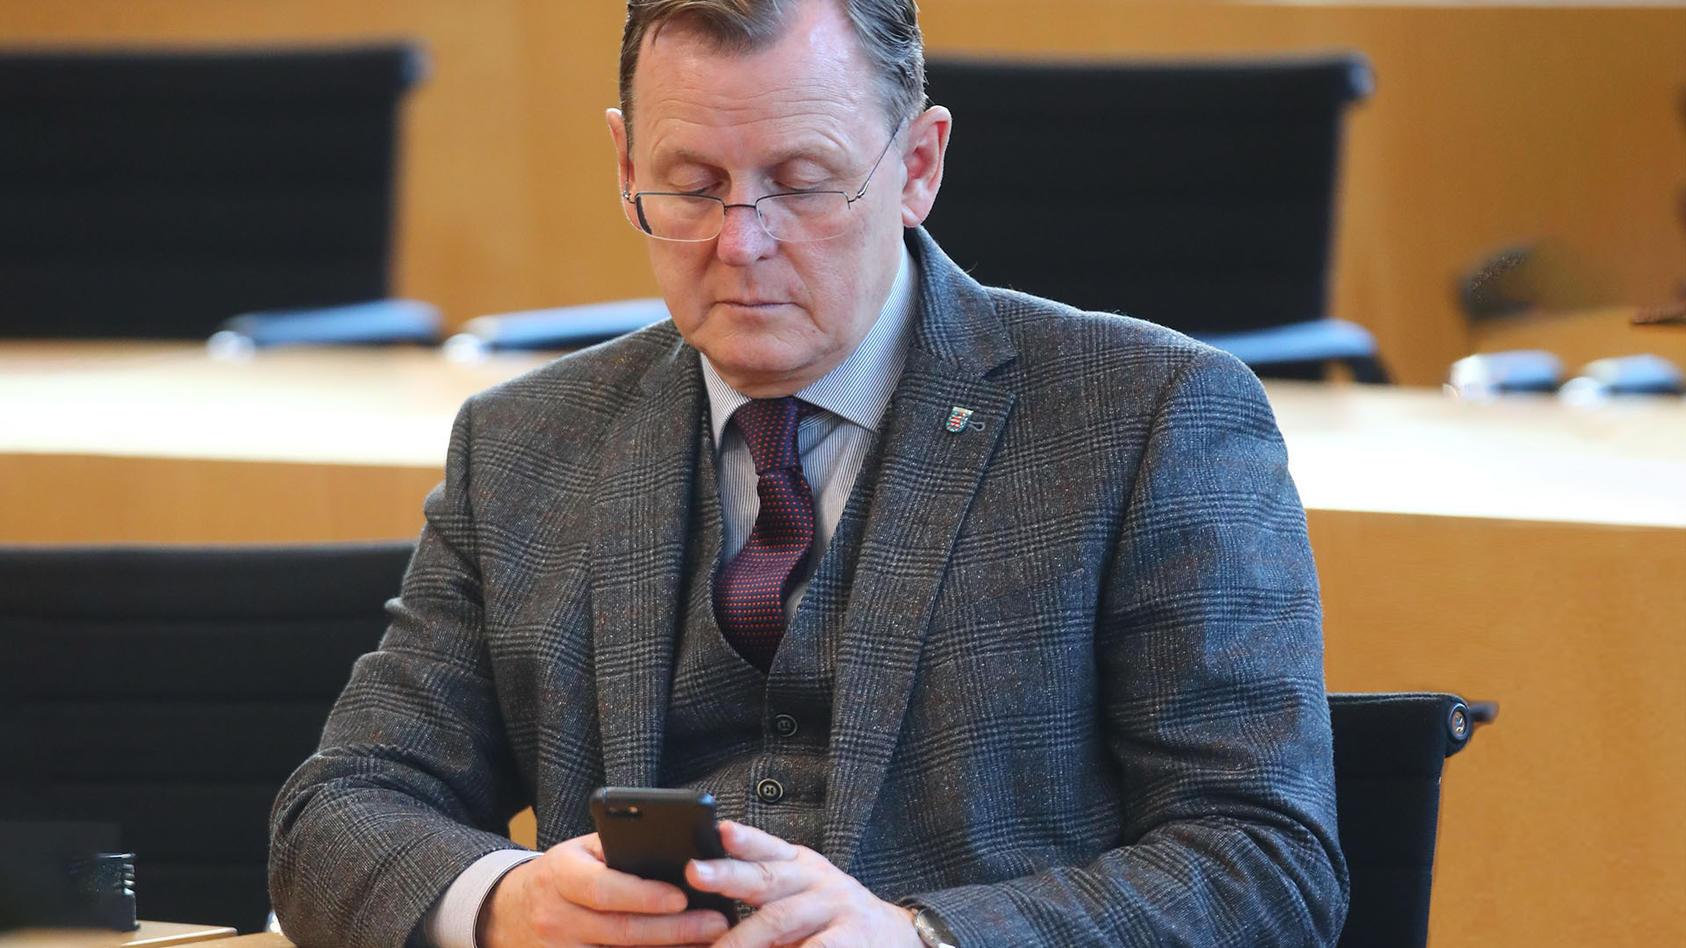 """Bodo Ramelow plauderte aus dem Nähkästchen, dass er während Konferenzen mit Kanzlerin Merkel regelmäßig """"Candy Crush"""" spielt. (Symbolfoto)"""